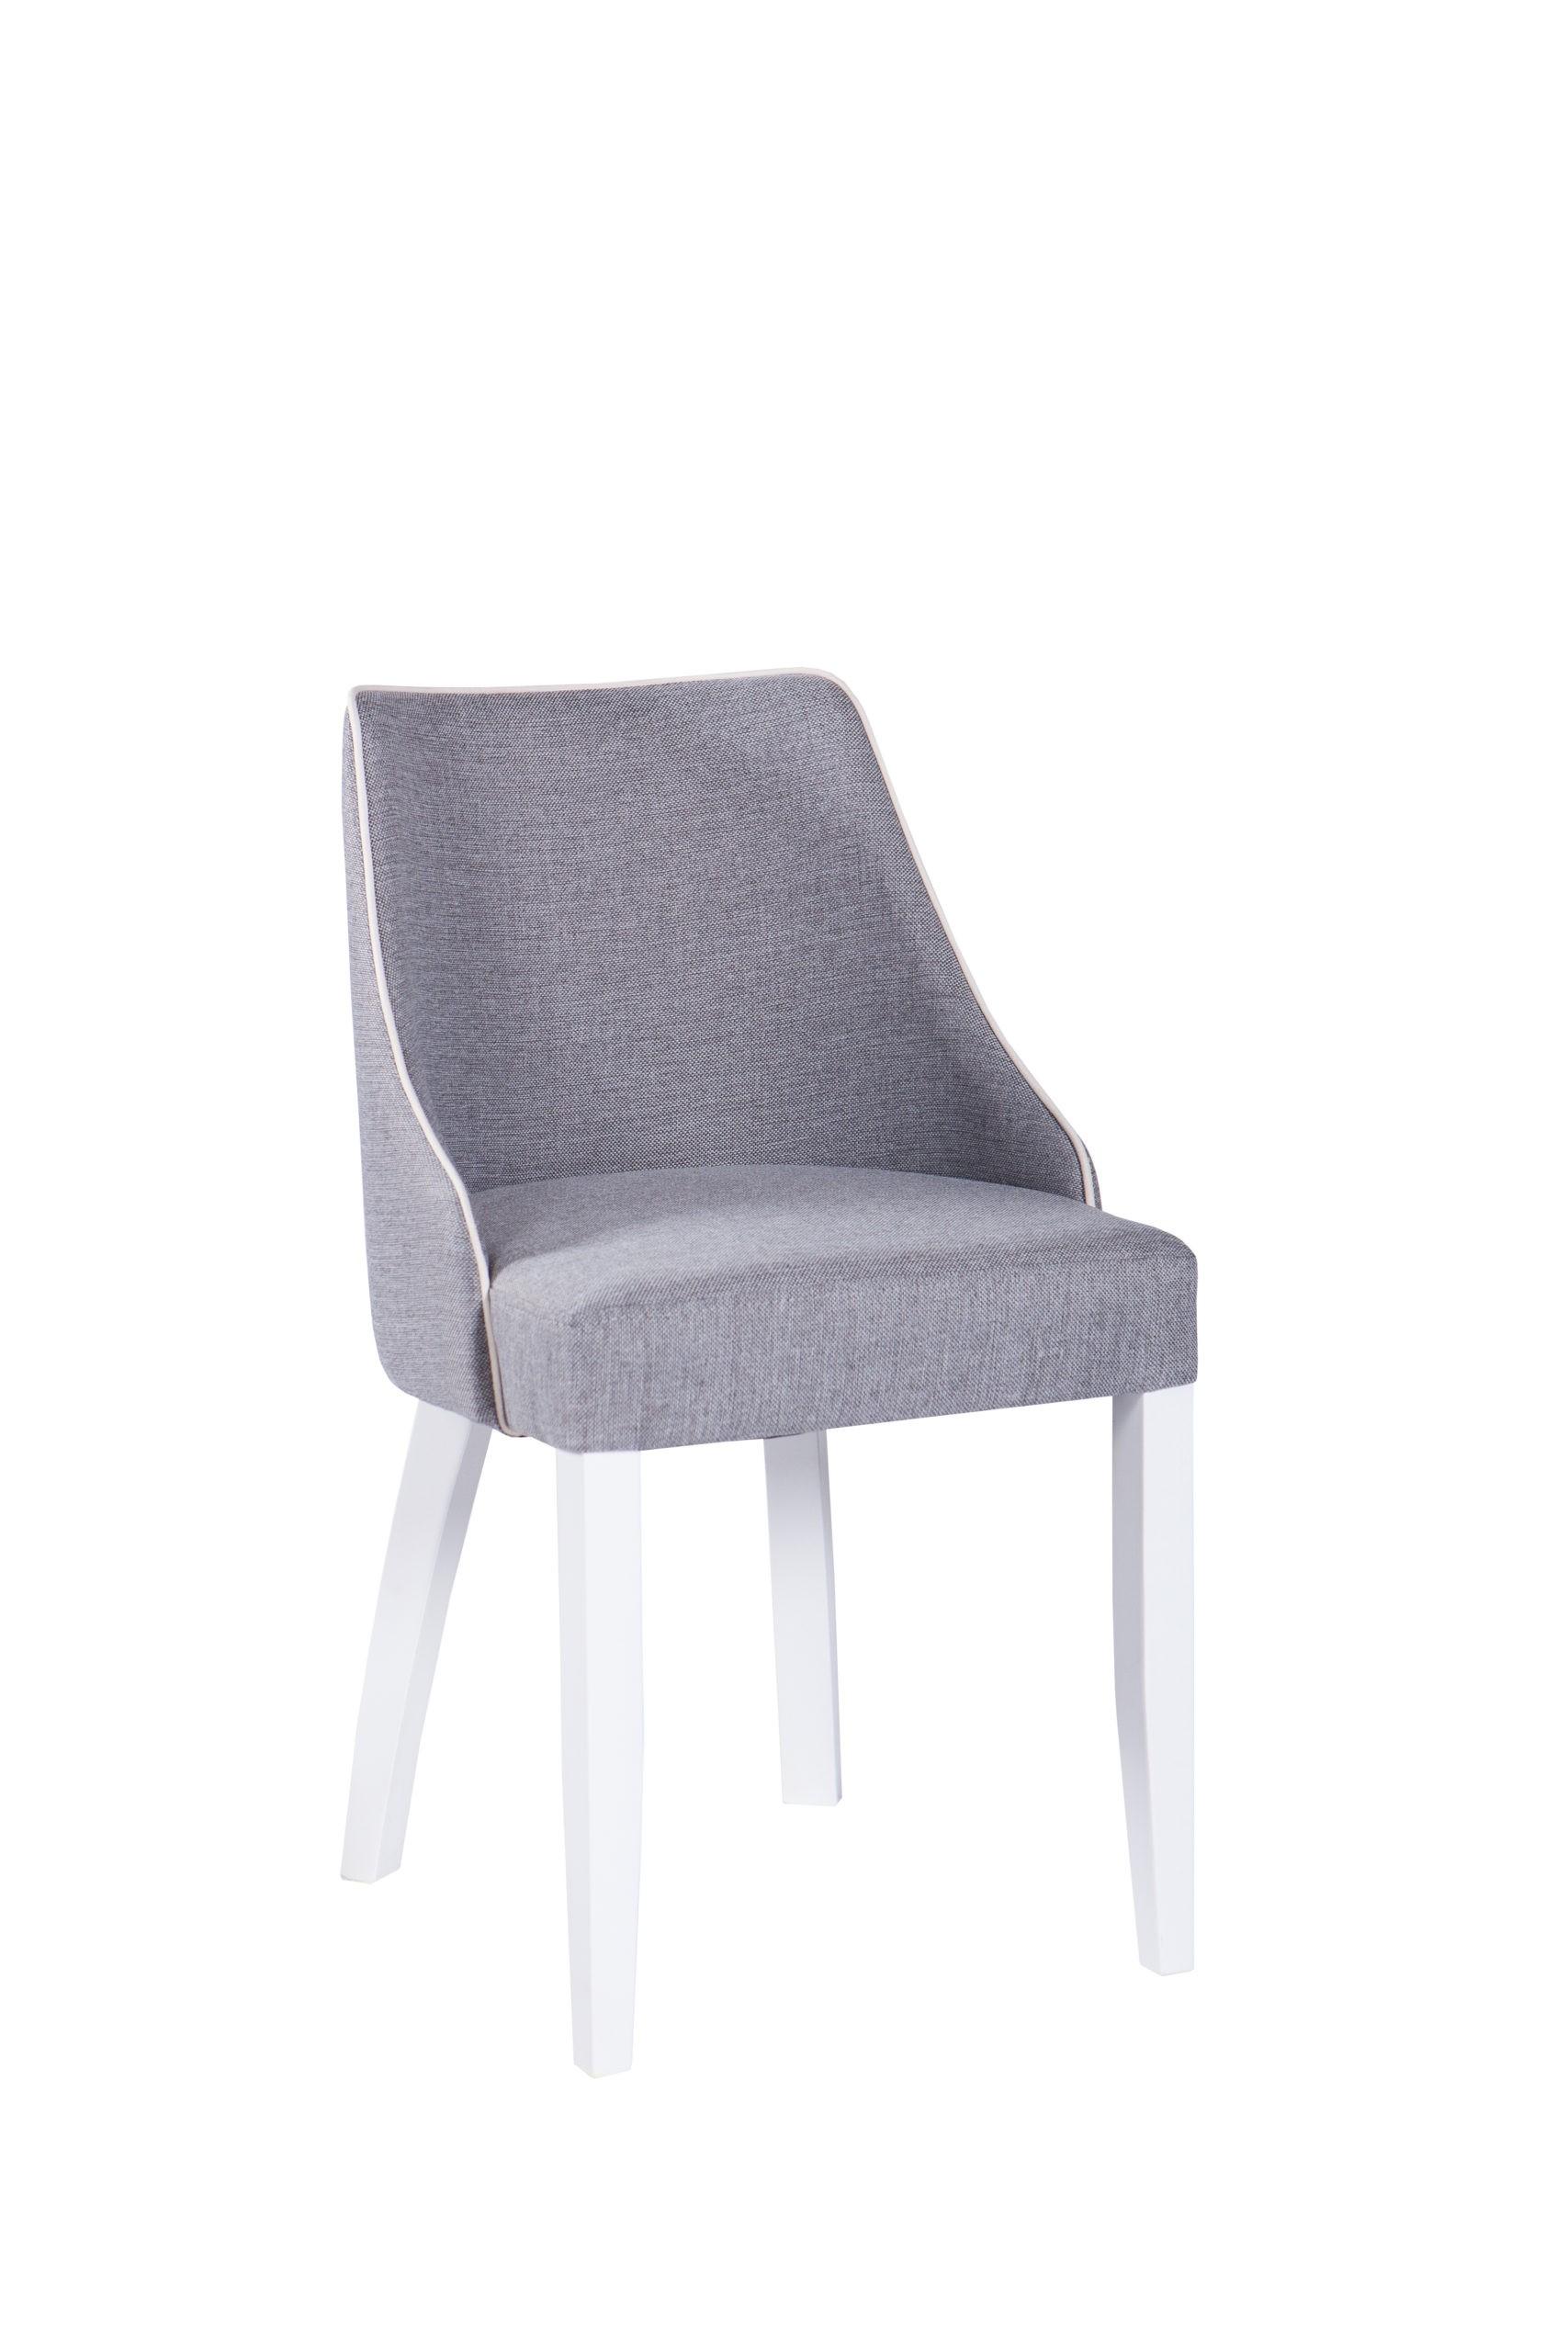 Nowoczesne krzesło tapicerowane KT 29 w różnych kolorach i tkaninach